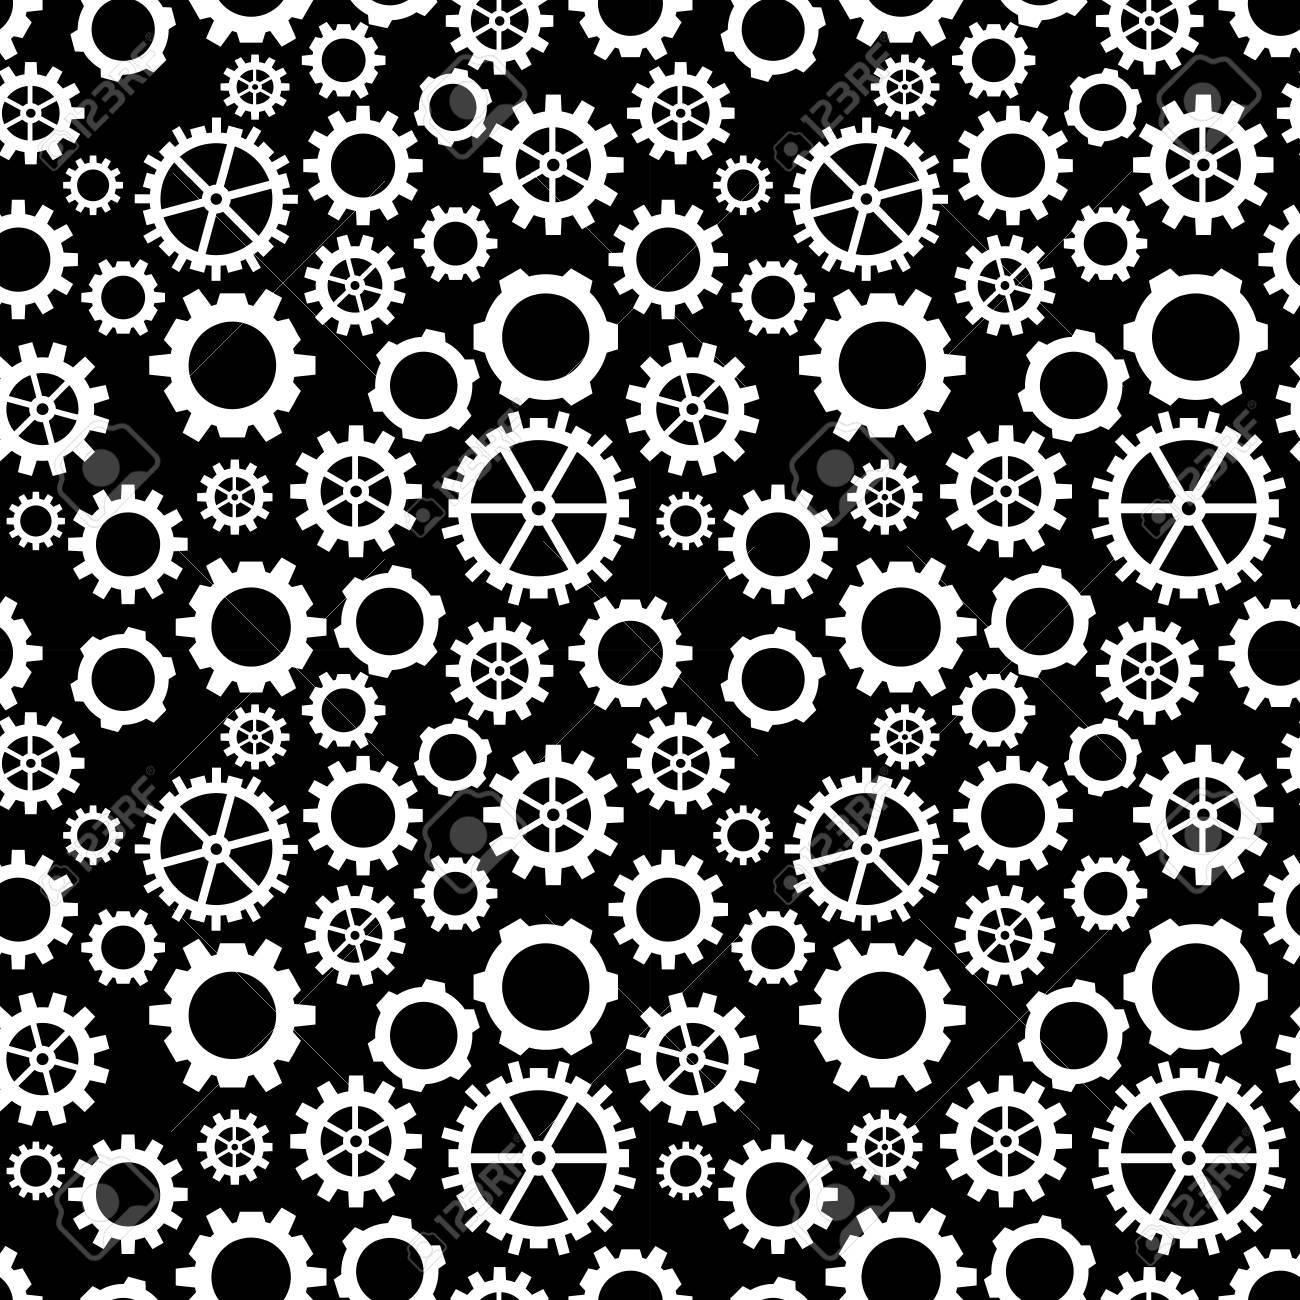 Photo Noir Et Blanc Design motif géométrique abstrait engrenage noir et blanc design graphique roue  dentée